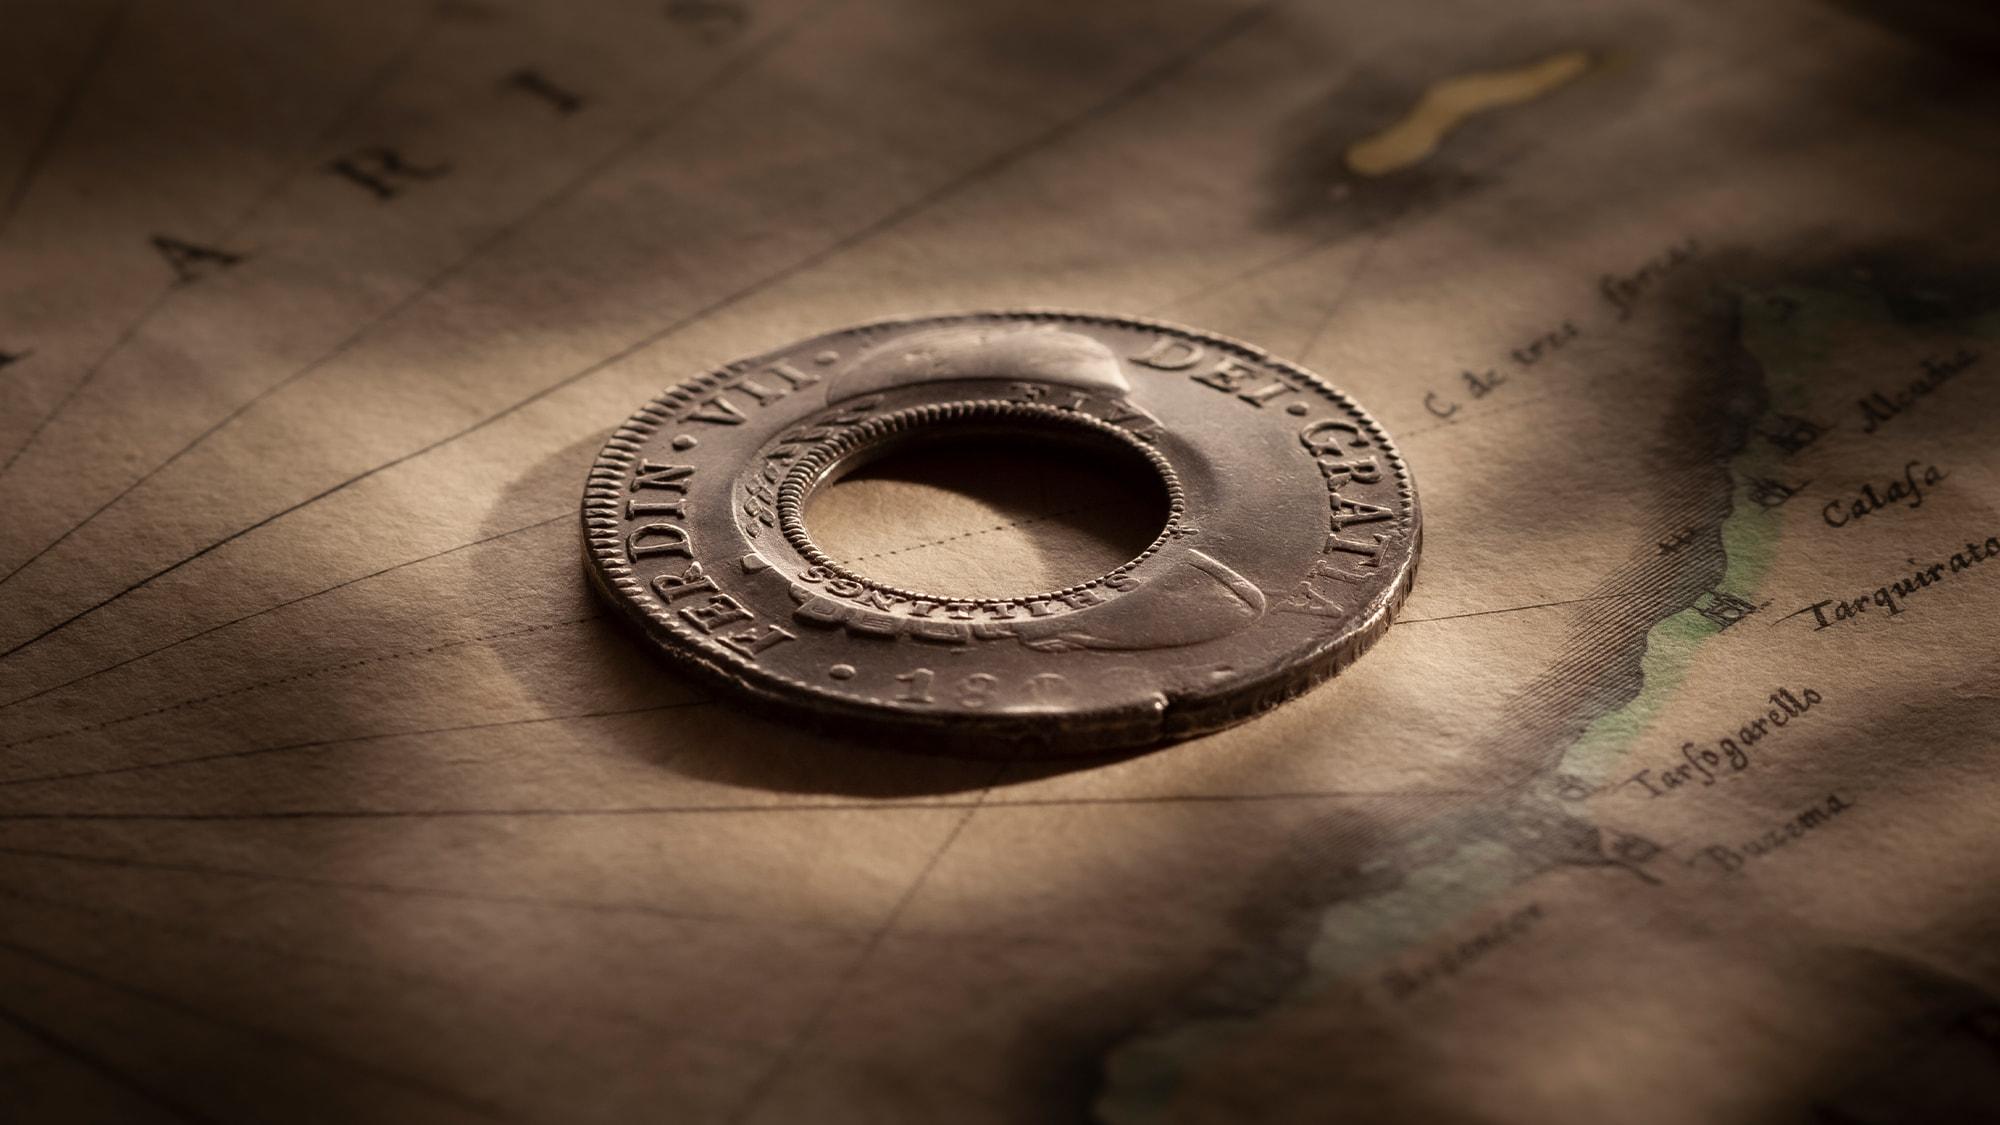 1813-Holey-Dollar-OBV-1809-Ferdinand-VI-36314-February-2021